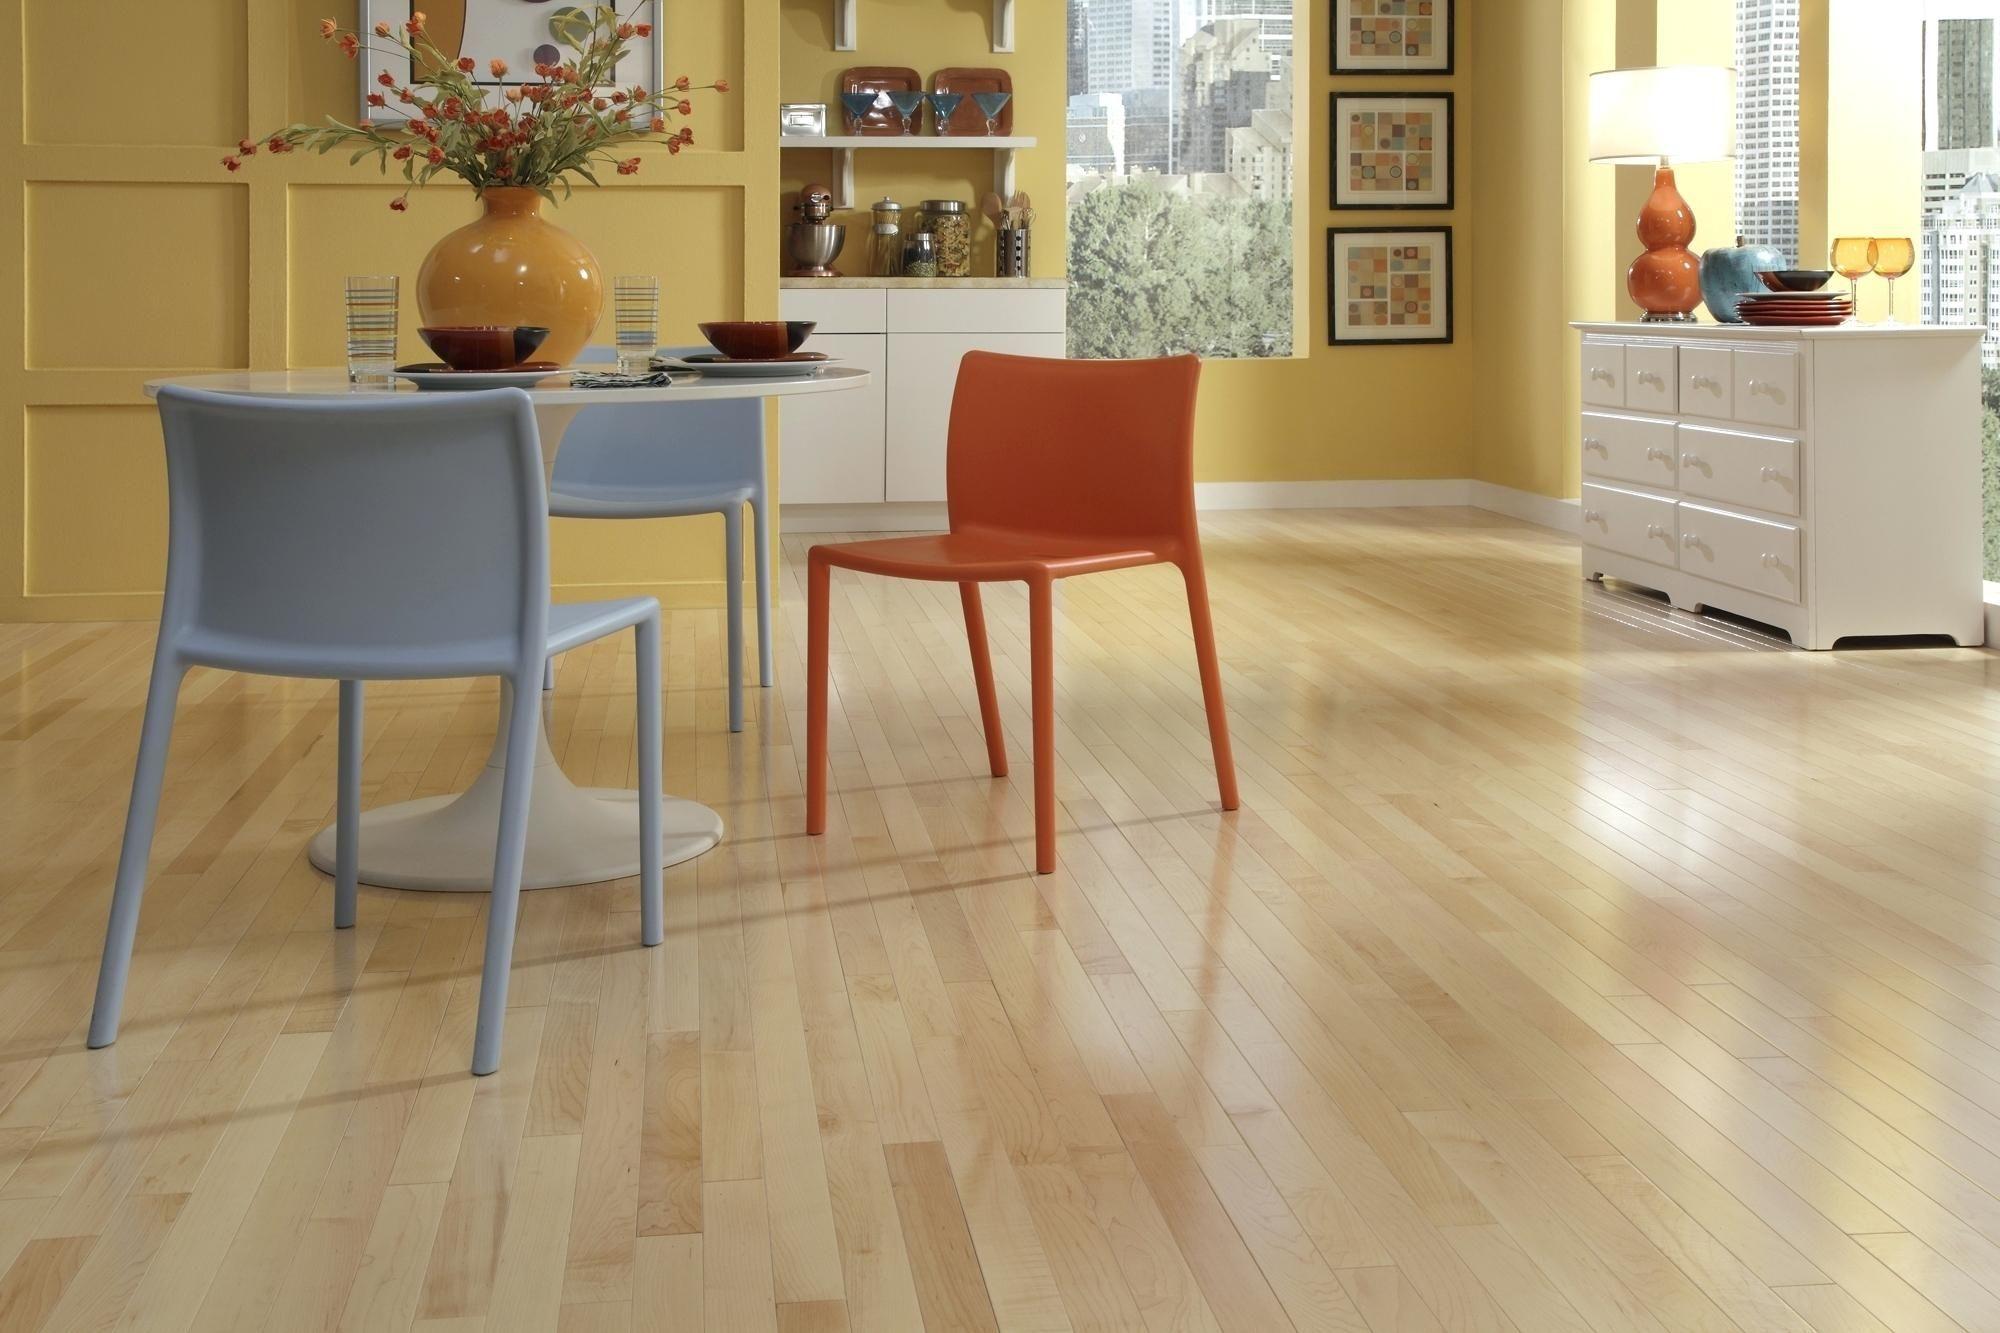 floors european hardwood mauritius blonde ltc engineered lg rs maurtius oak